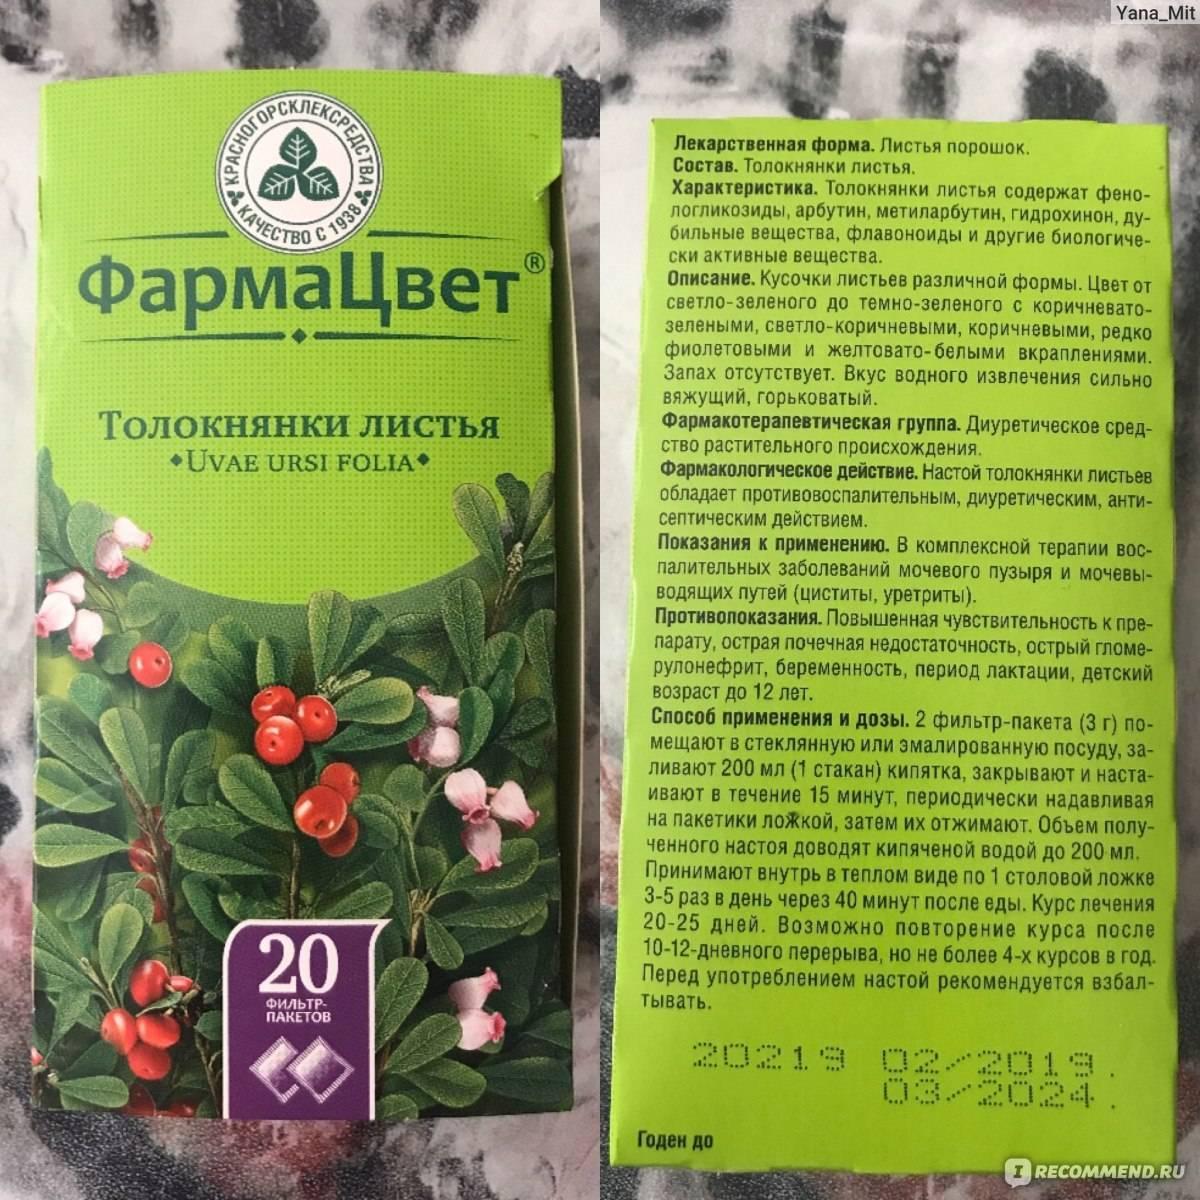 Всё о полезных свойствах почечного чая и противопоказаниях к его приёму - с рецептами применения при болезнях и во время беременности